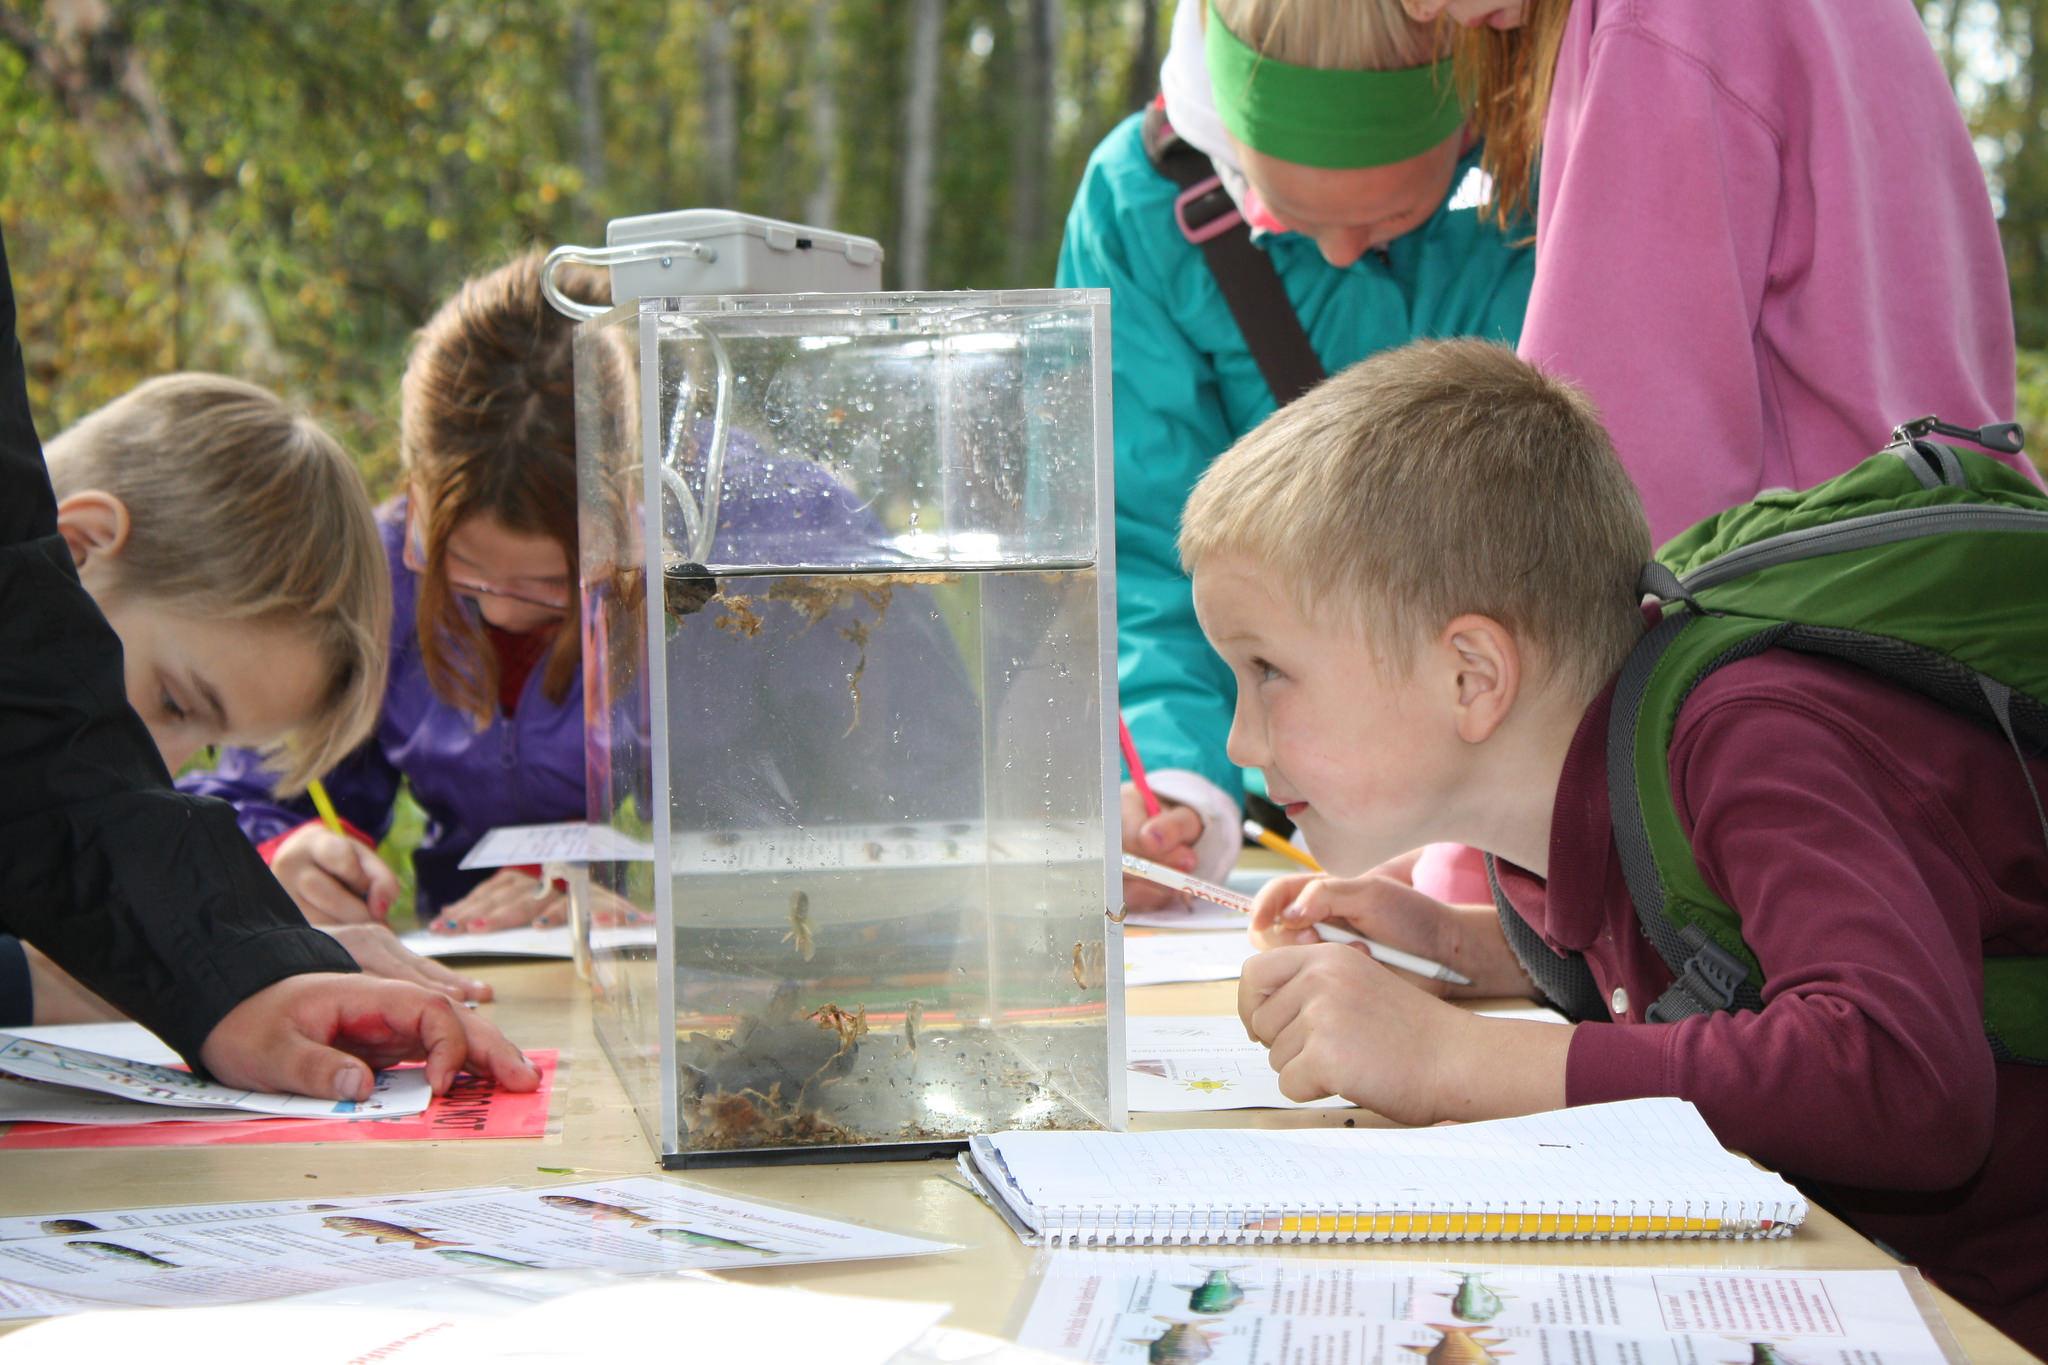 Young boy investigates aquatics, BLM photo